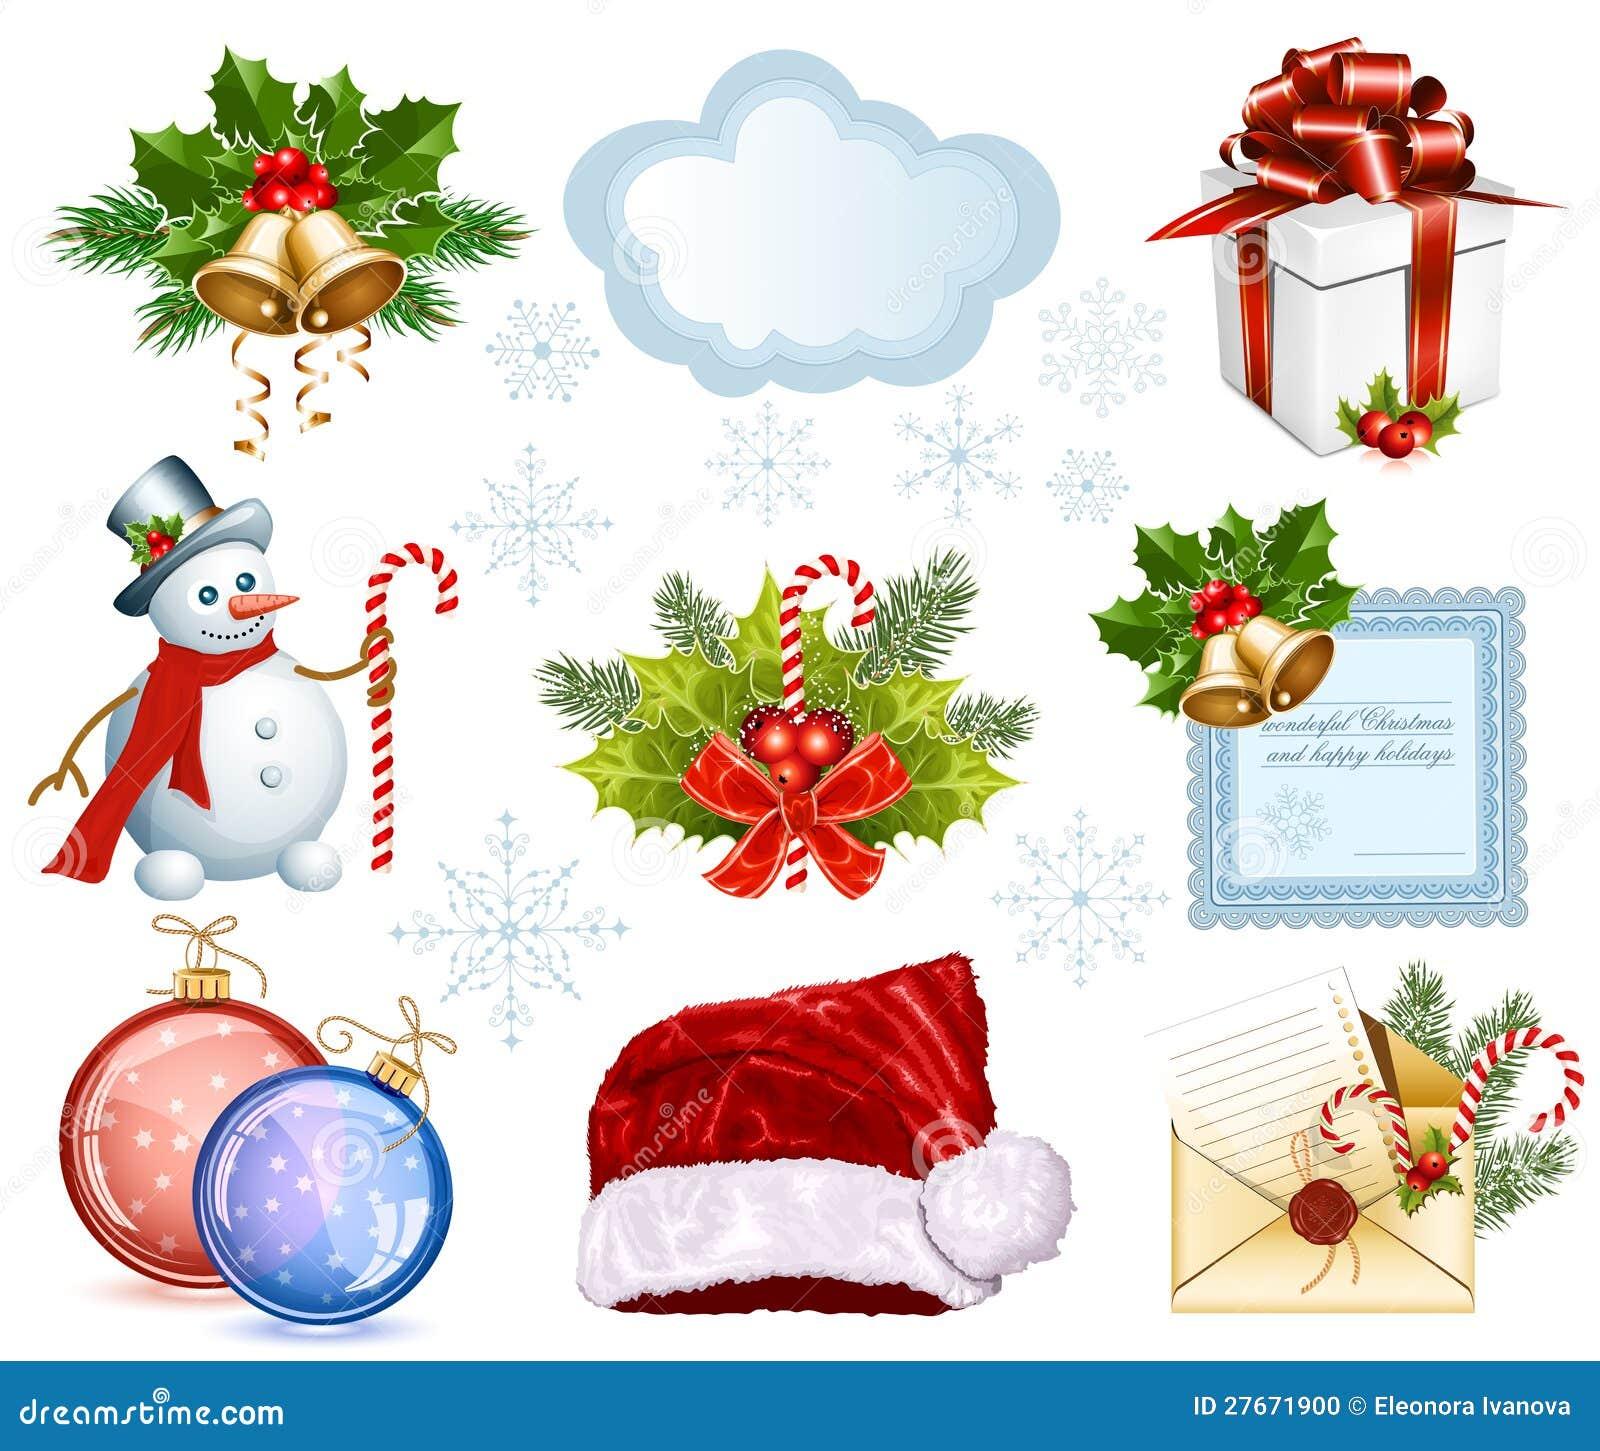 Colecci n de objetos de la navidad foto de archivo imagen 27671900 - Objetos de navidad ...